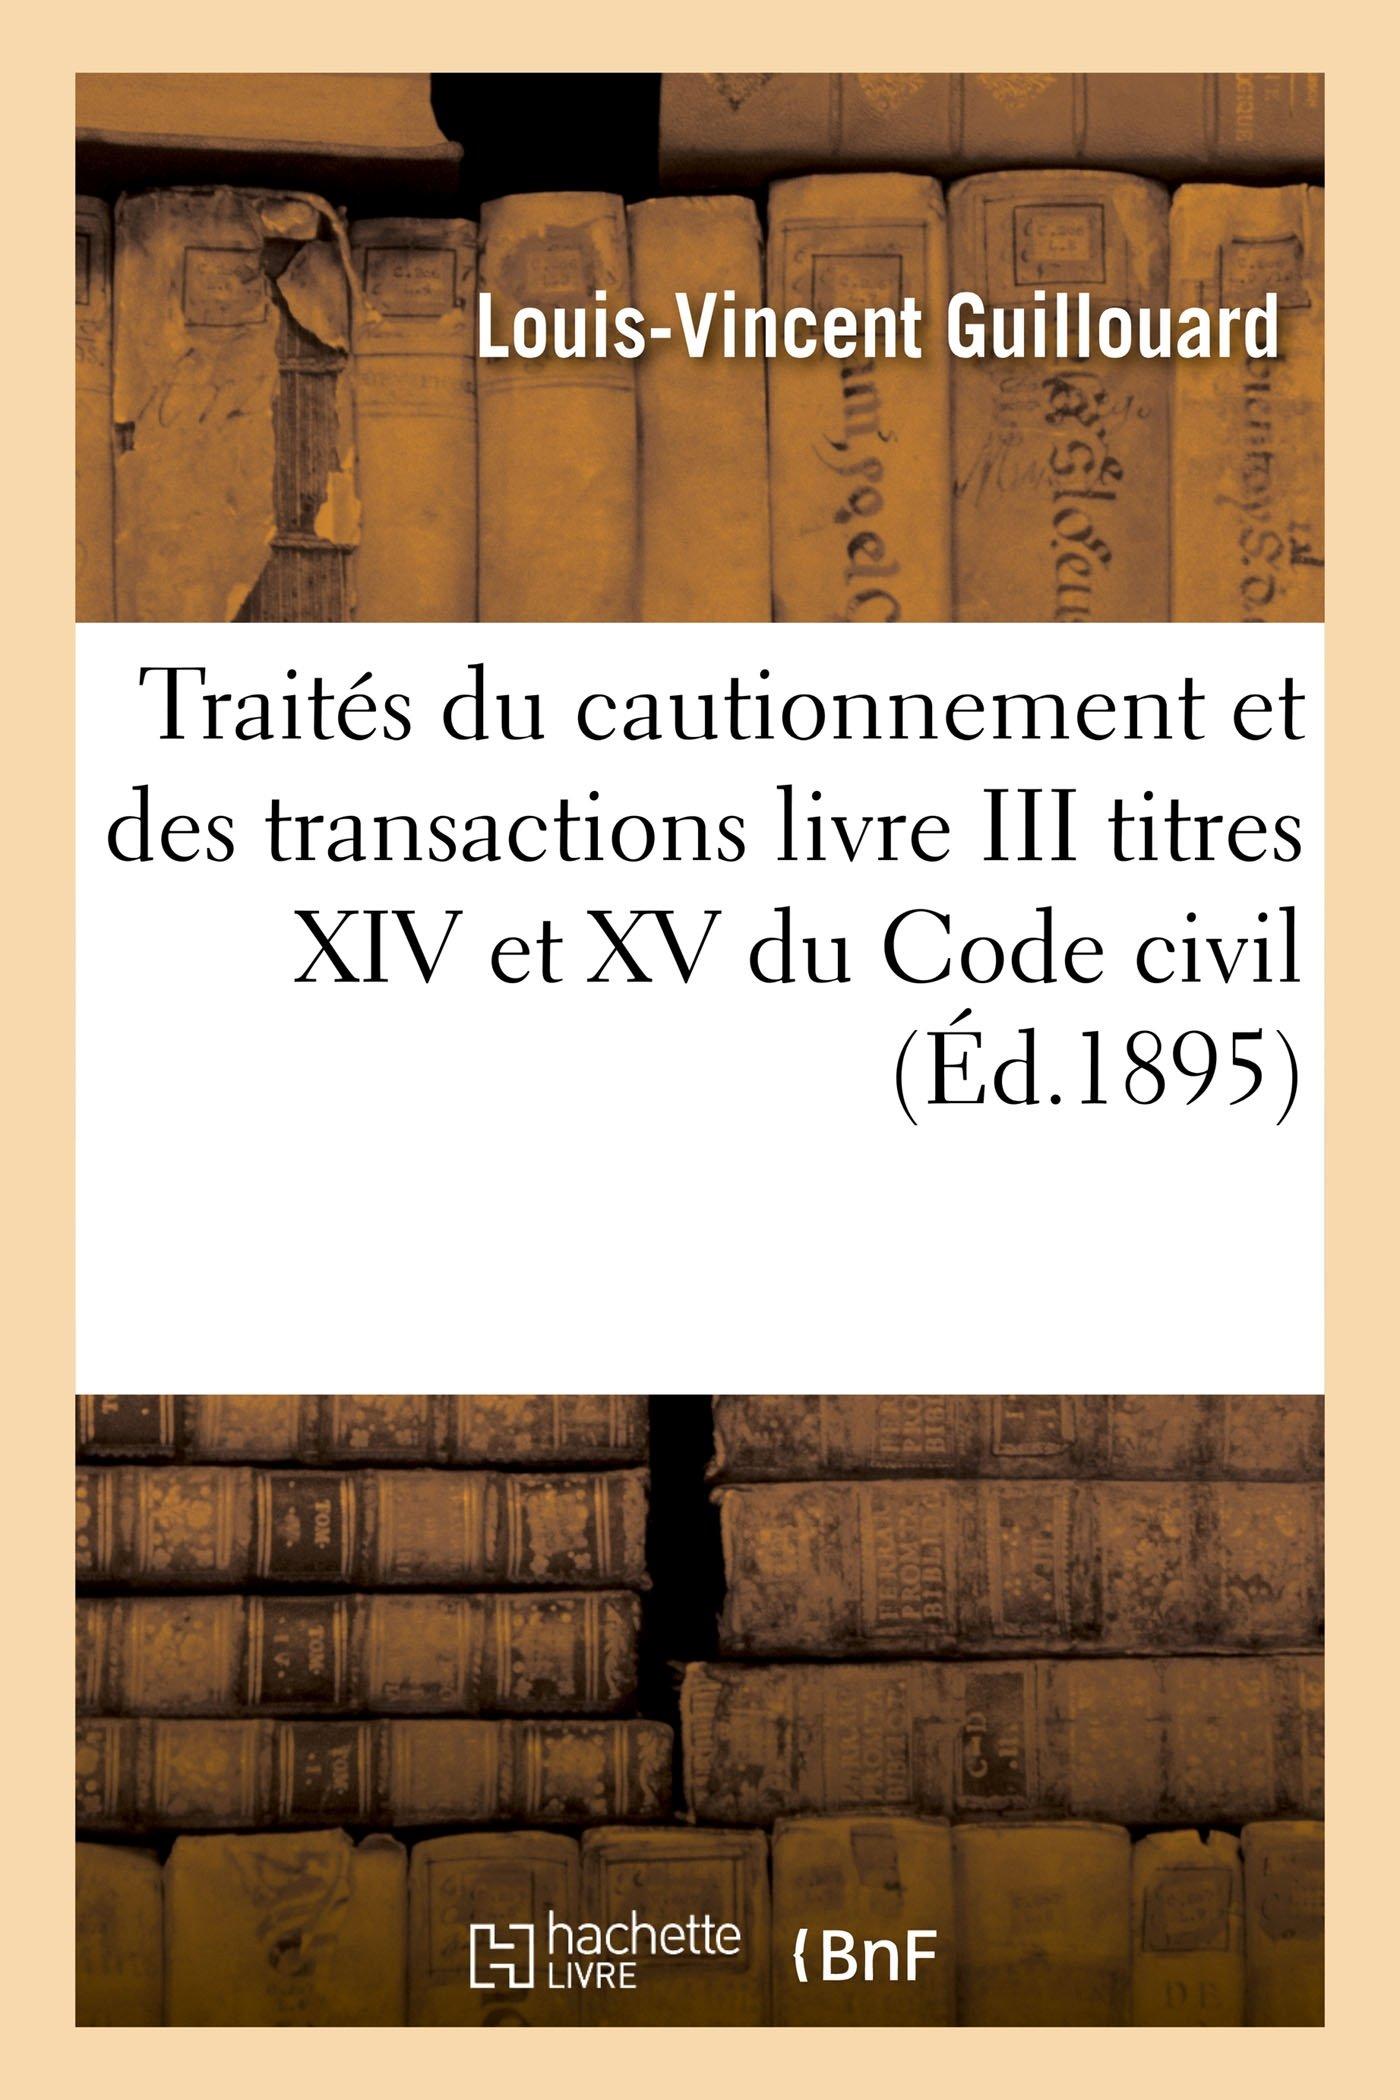 Traités du cautionnement et des transactions livre III titres XIV et XV du Code civil Broché – 1 août 2015 Louis-Vincent Guillouard A. Pedone Hachette Livre BNF 2011921236